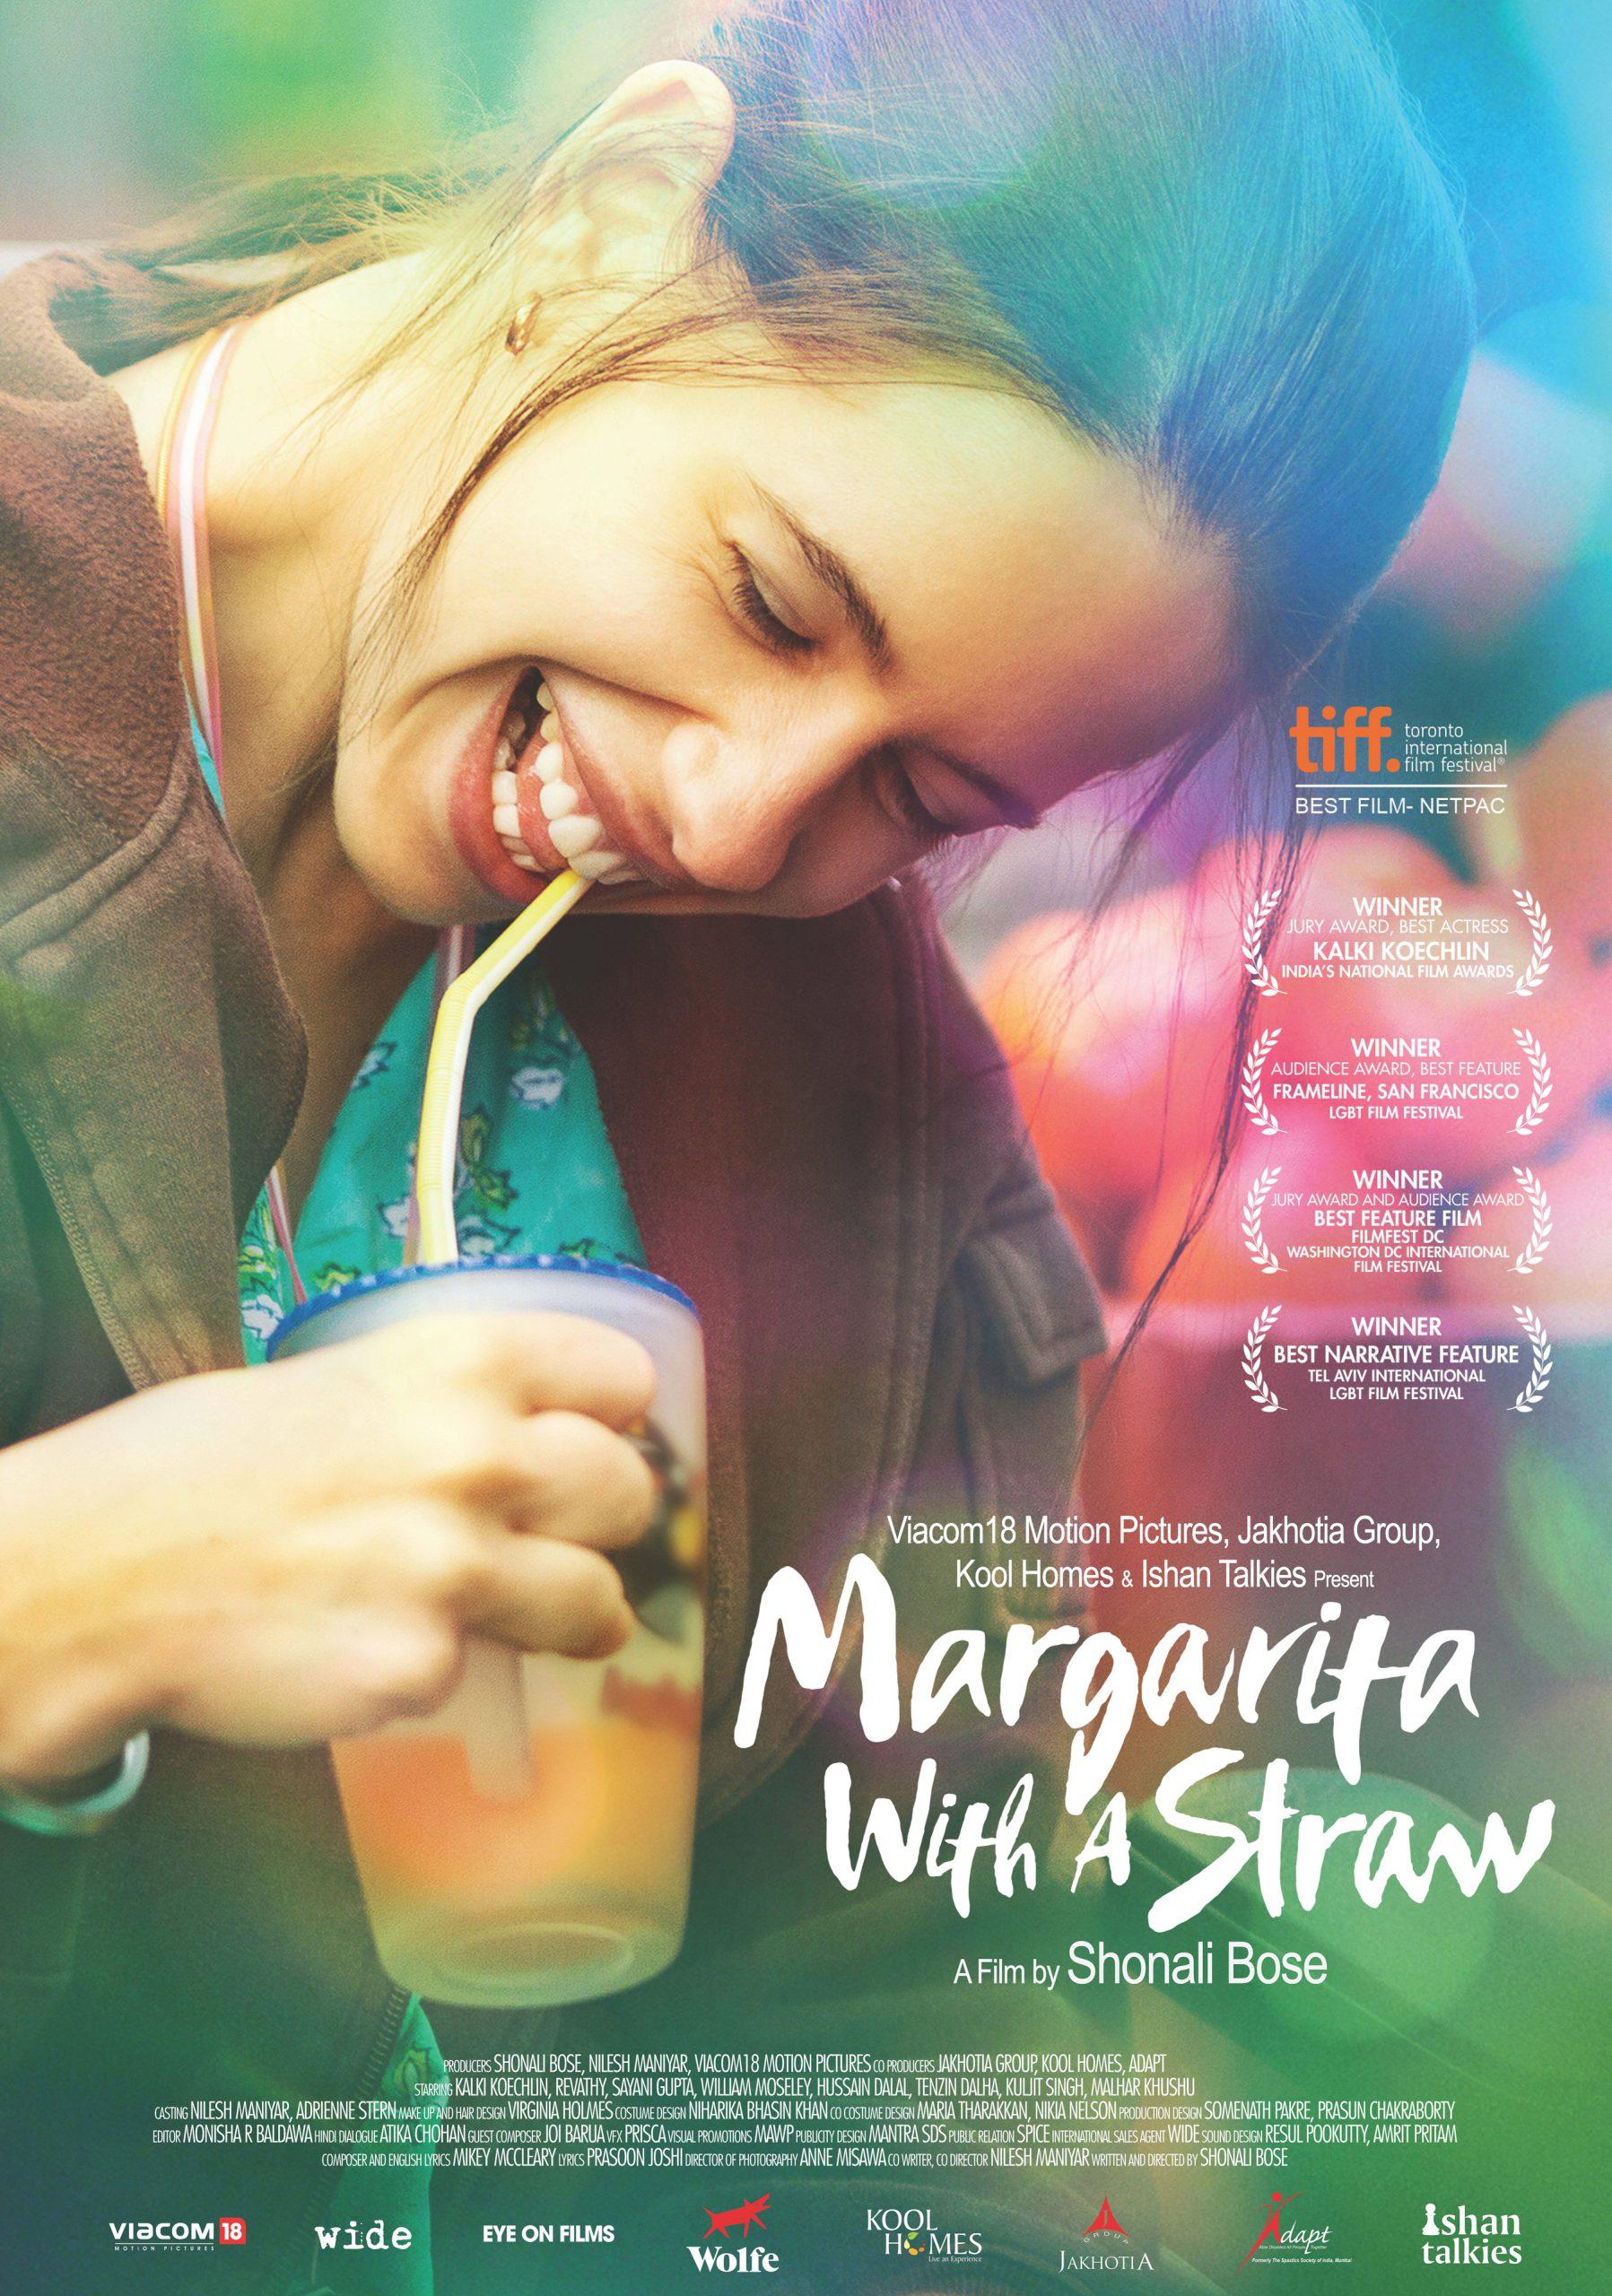 ดูหนังออนไลน์ Margarita With A Straw (2014) รักผิดแผก ซับไทย พากย์ไทยเต็มเรื่องมาสเตอร์ HD